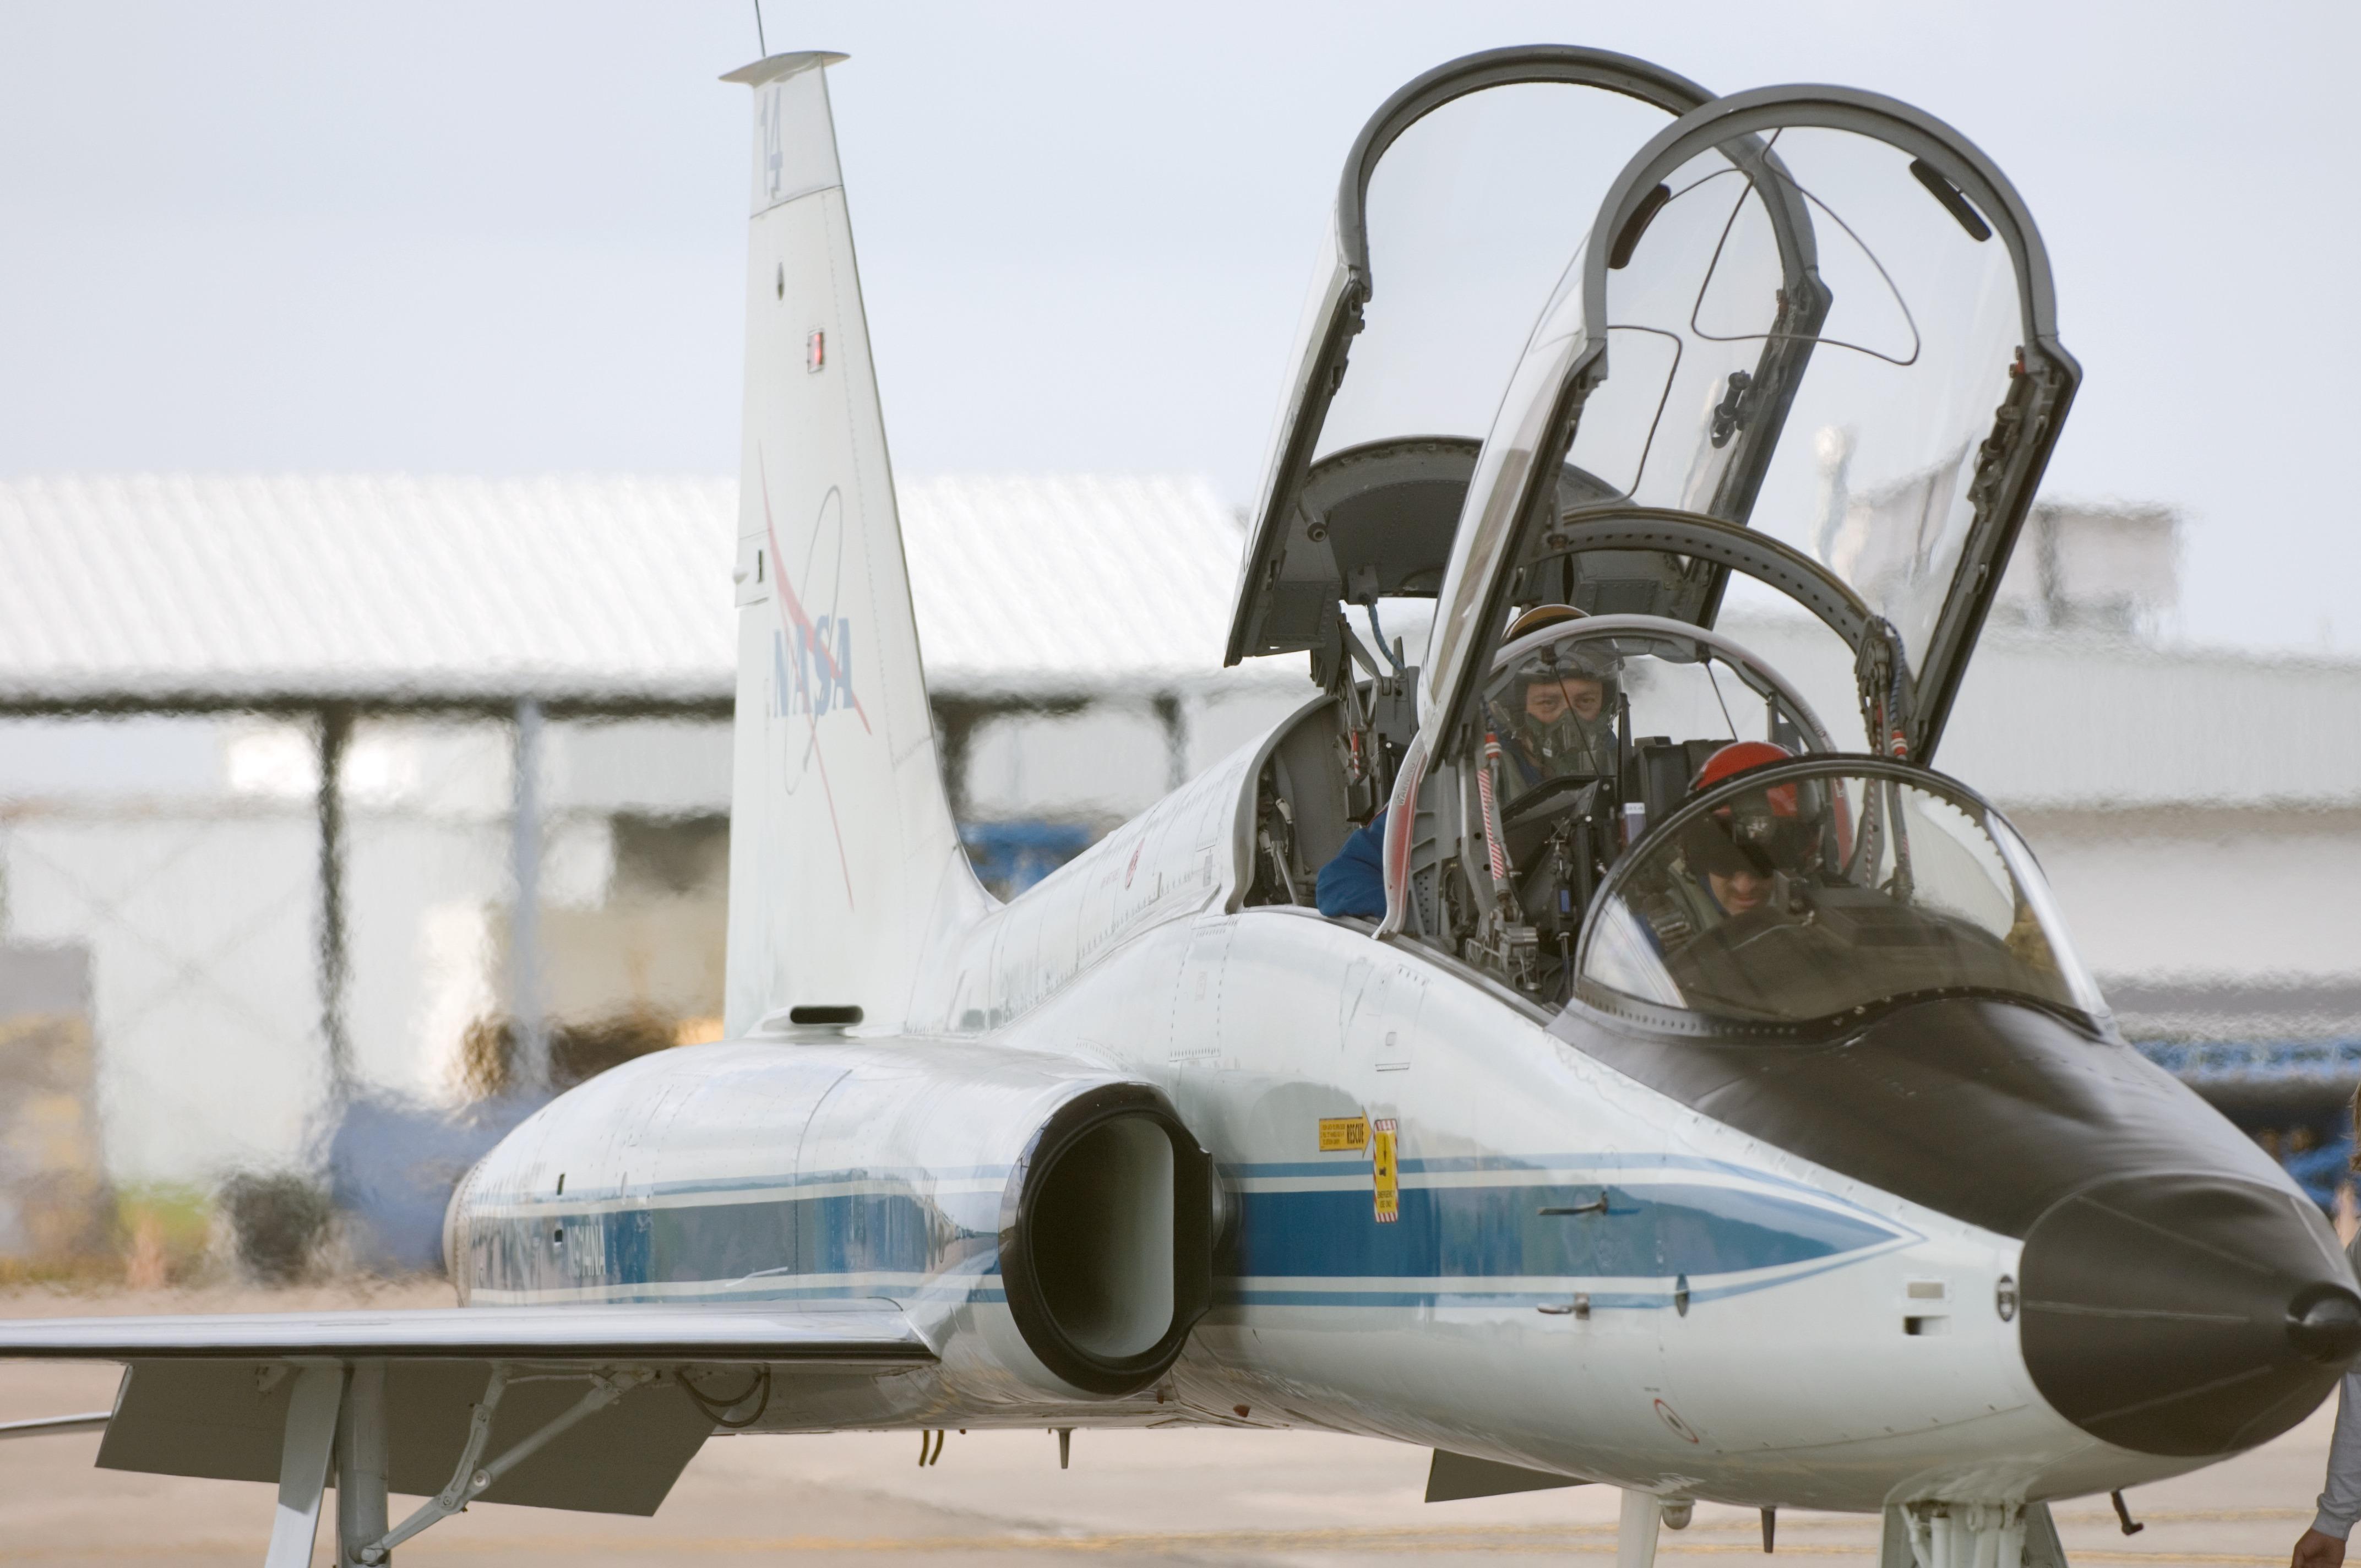 NASA - Astronauts Prepare for a Flight in a NASA T-38 ...